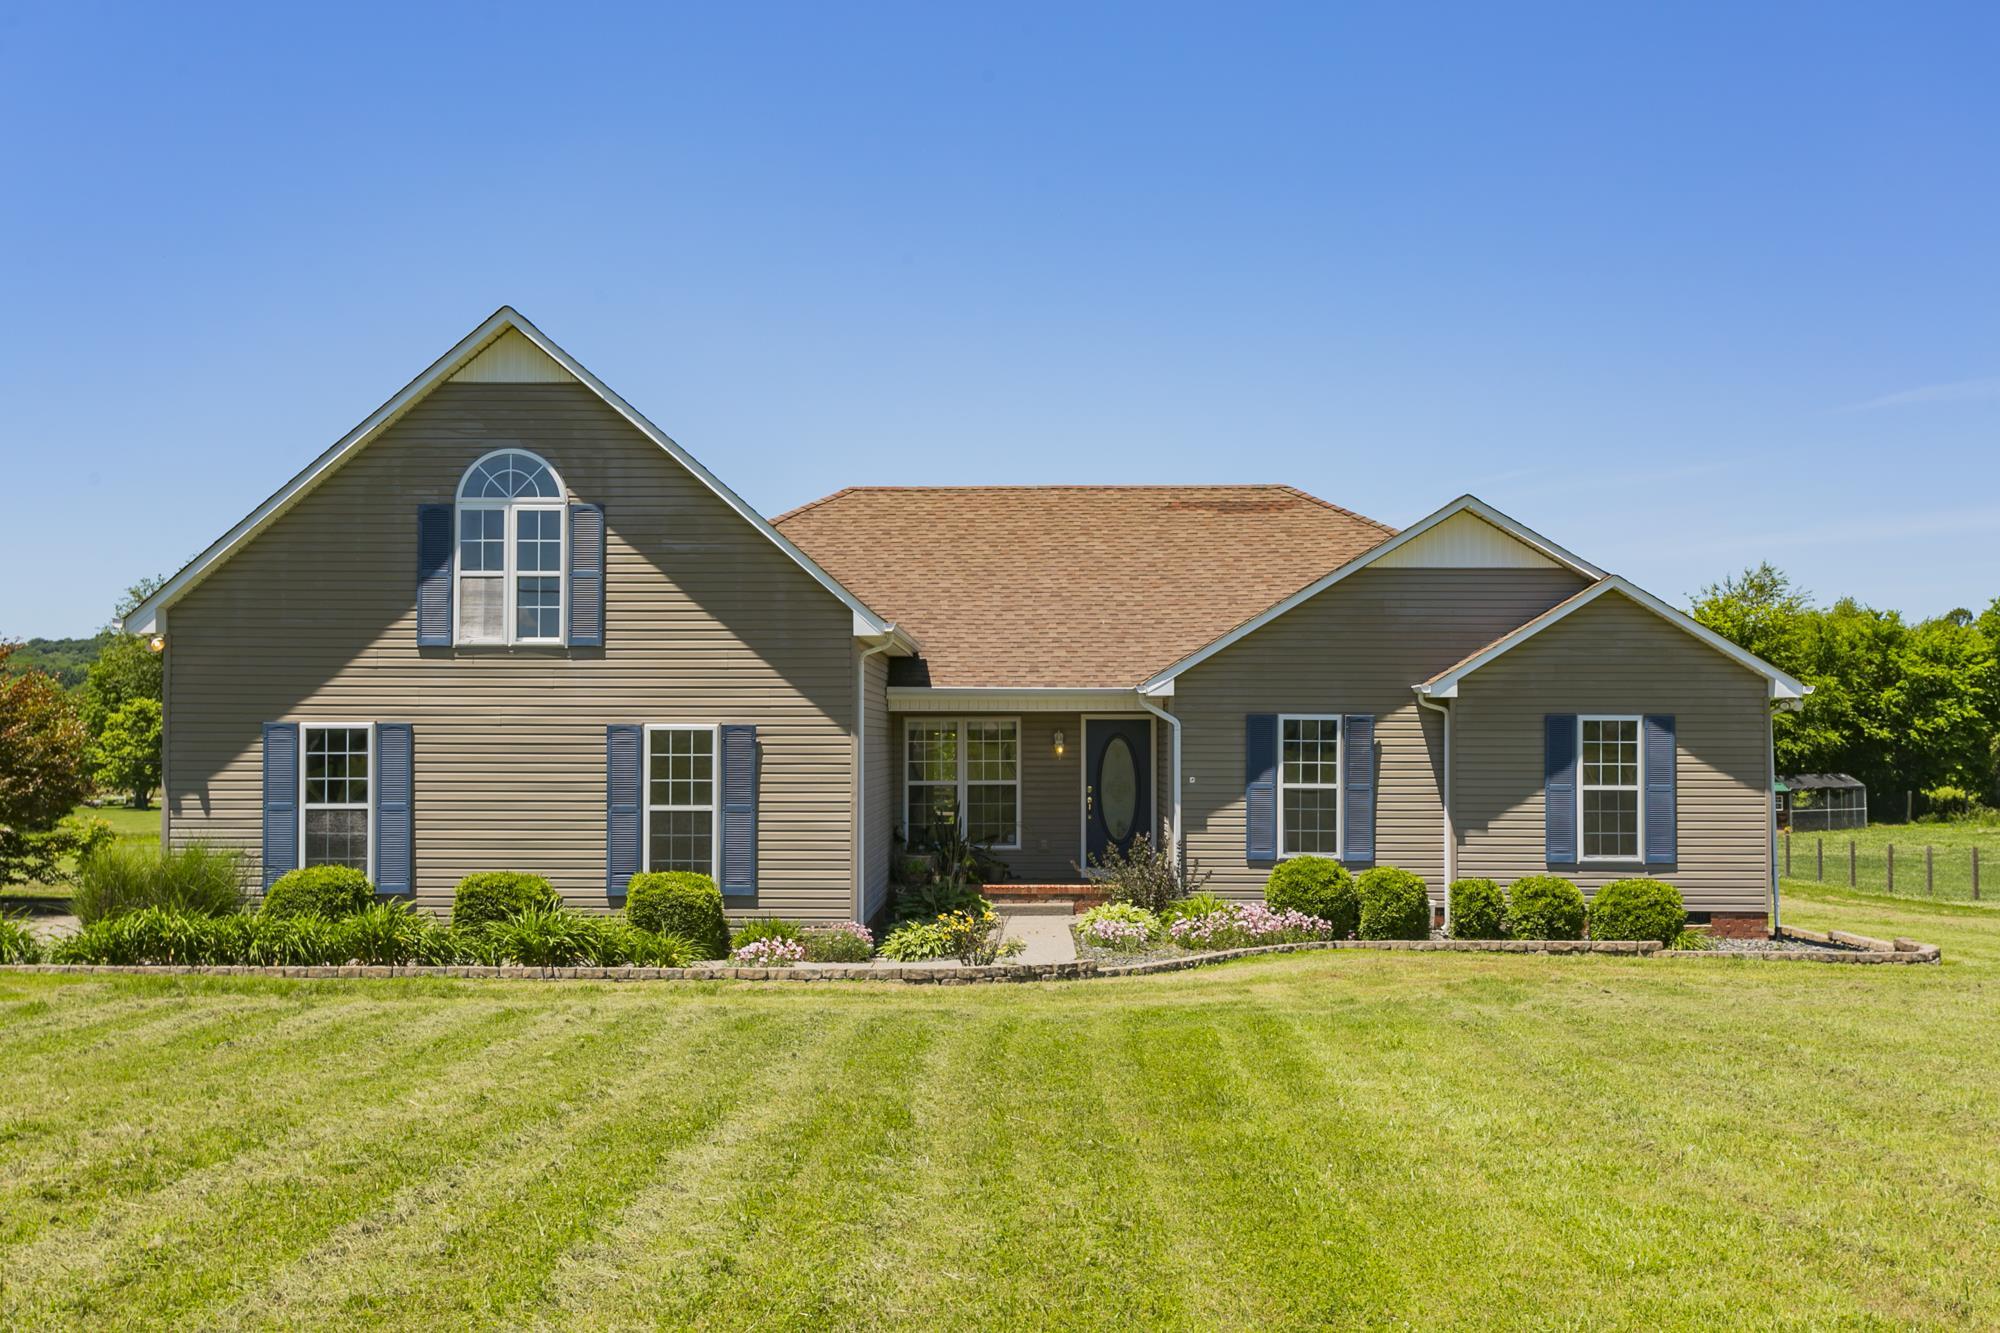 Carters Creek Acres Real Estate Listings Main Image